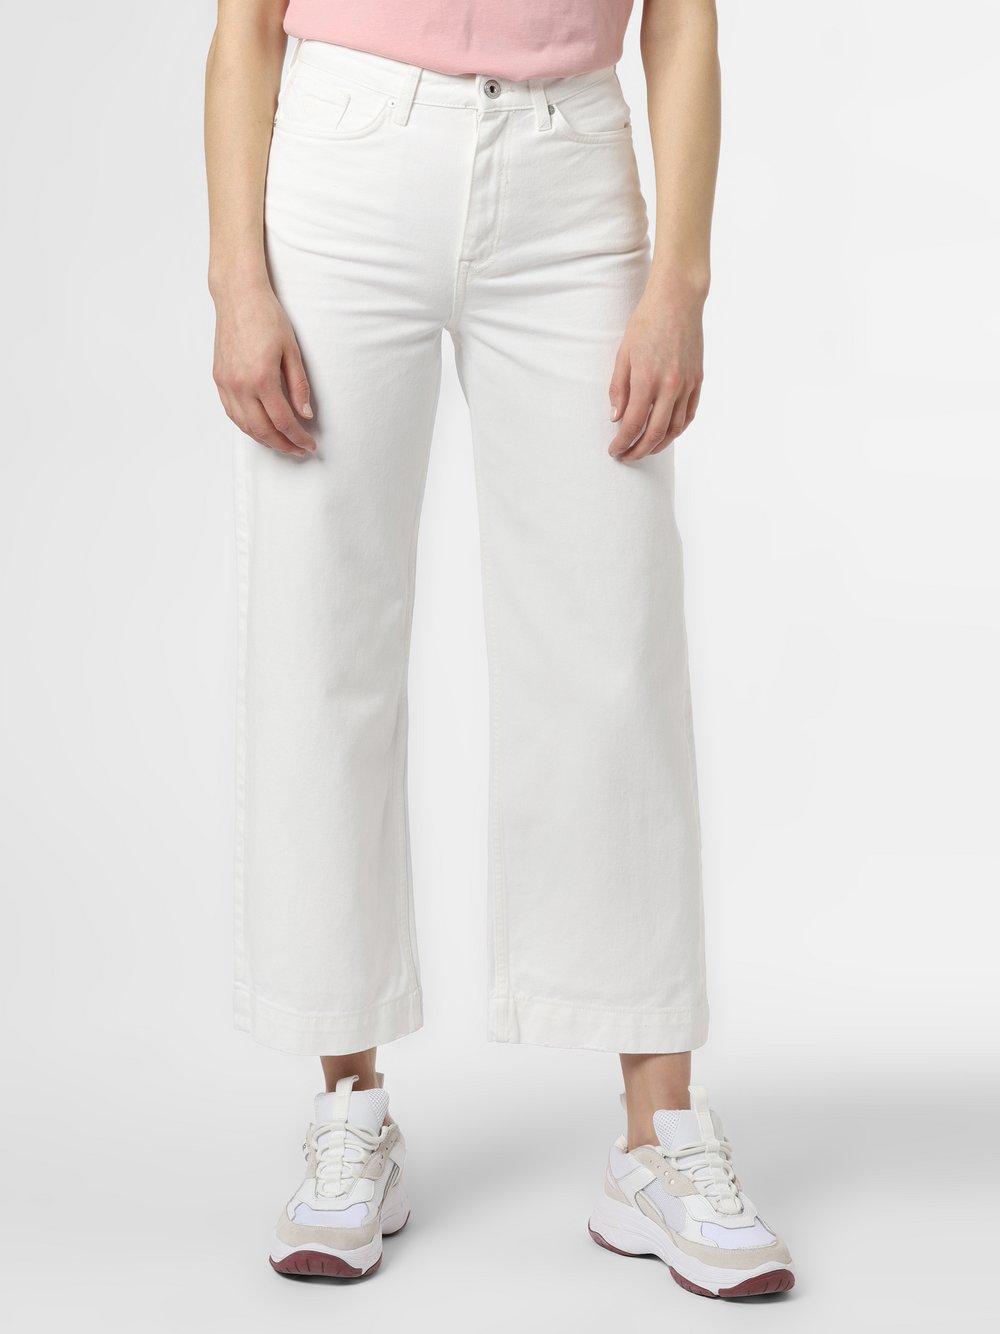 Gant - Jeansy damskie, biały